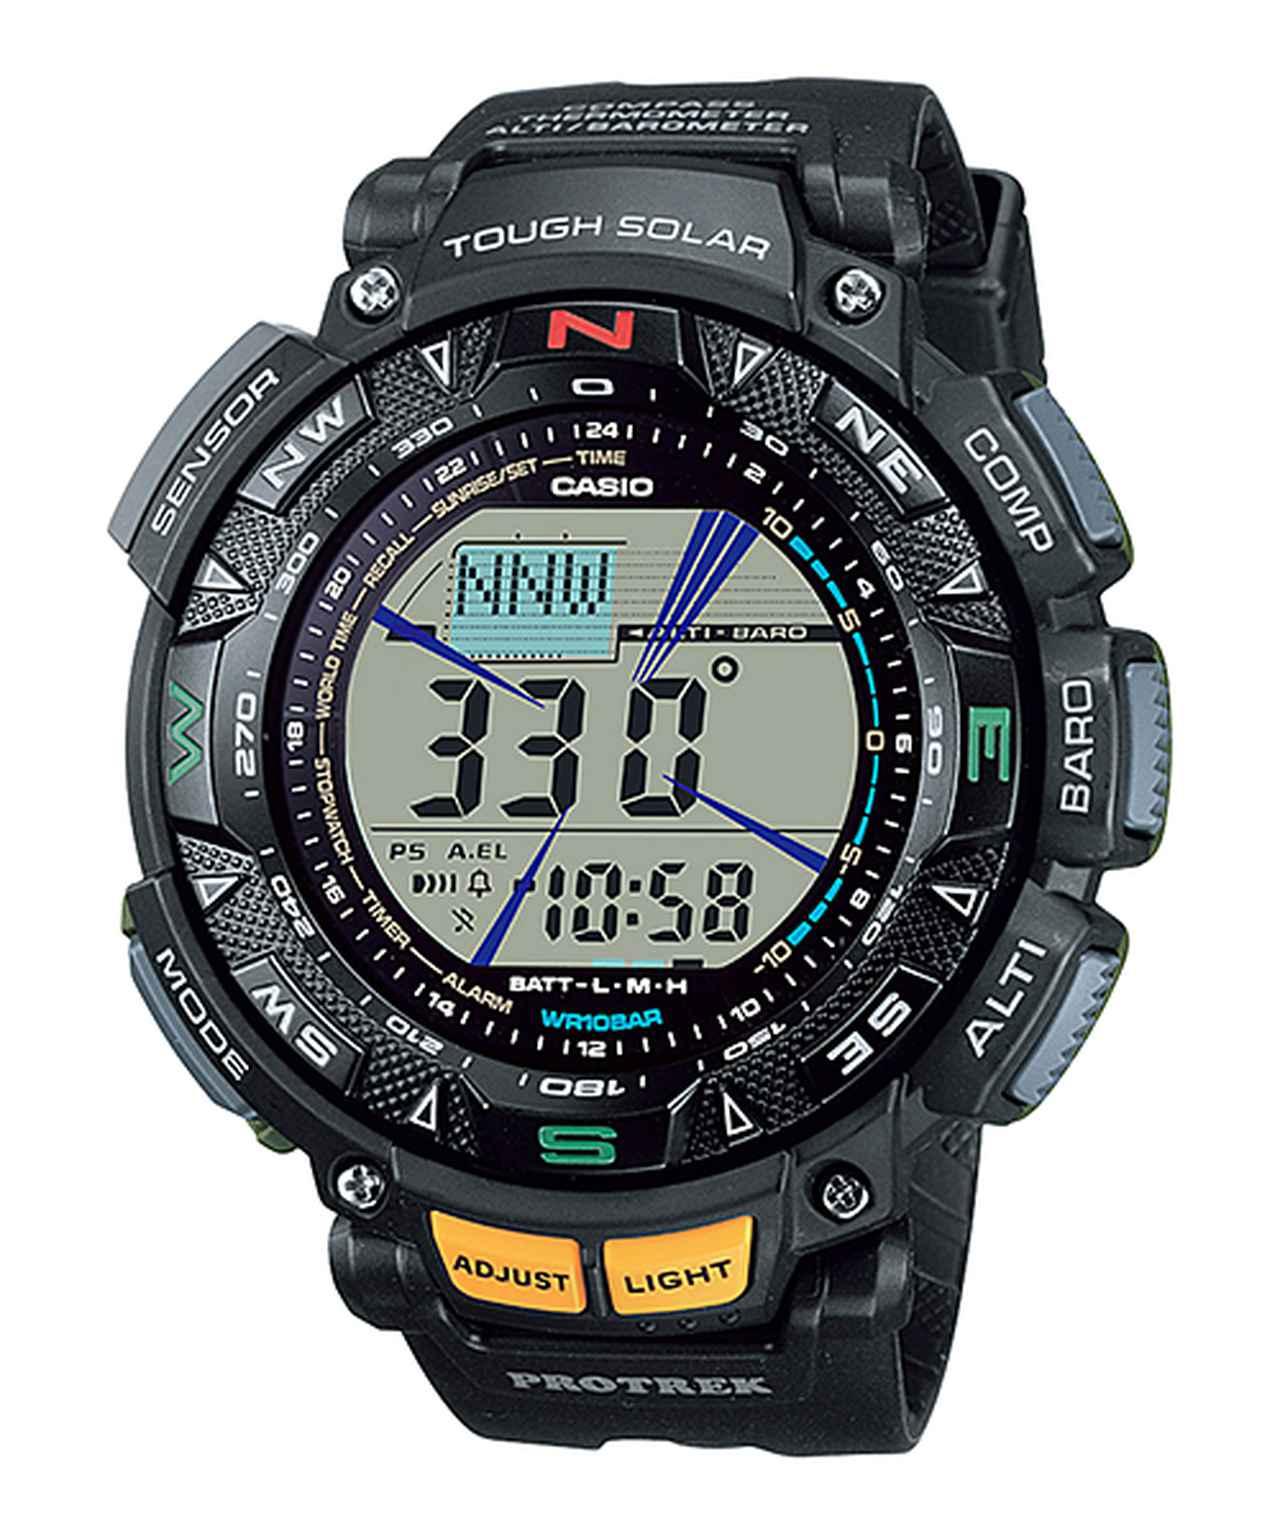 画像4: アウトドア好きの物欲をくすぐるデザインと機能! カシオのプロトレックから腕時計の新製品が登場